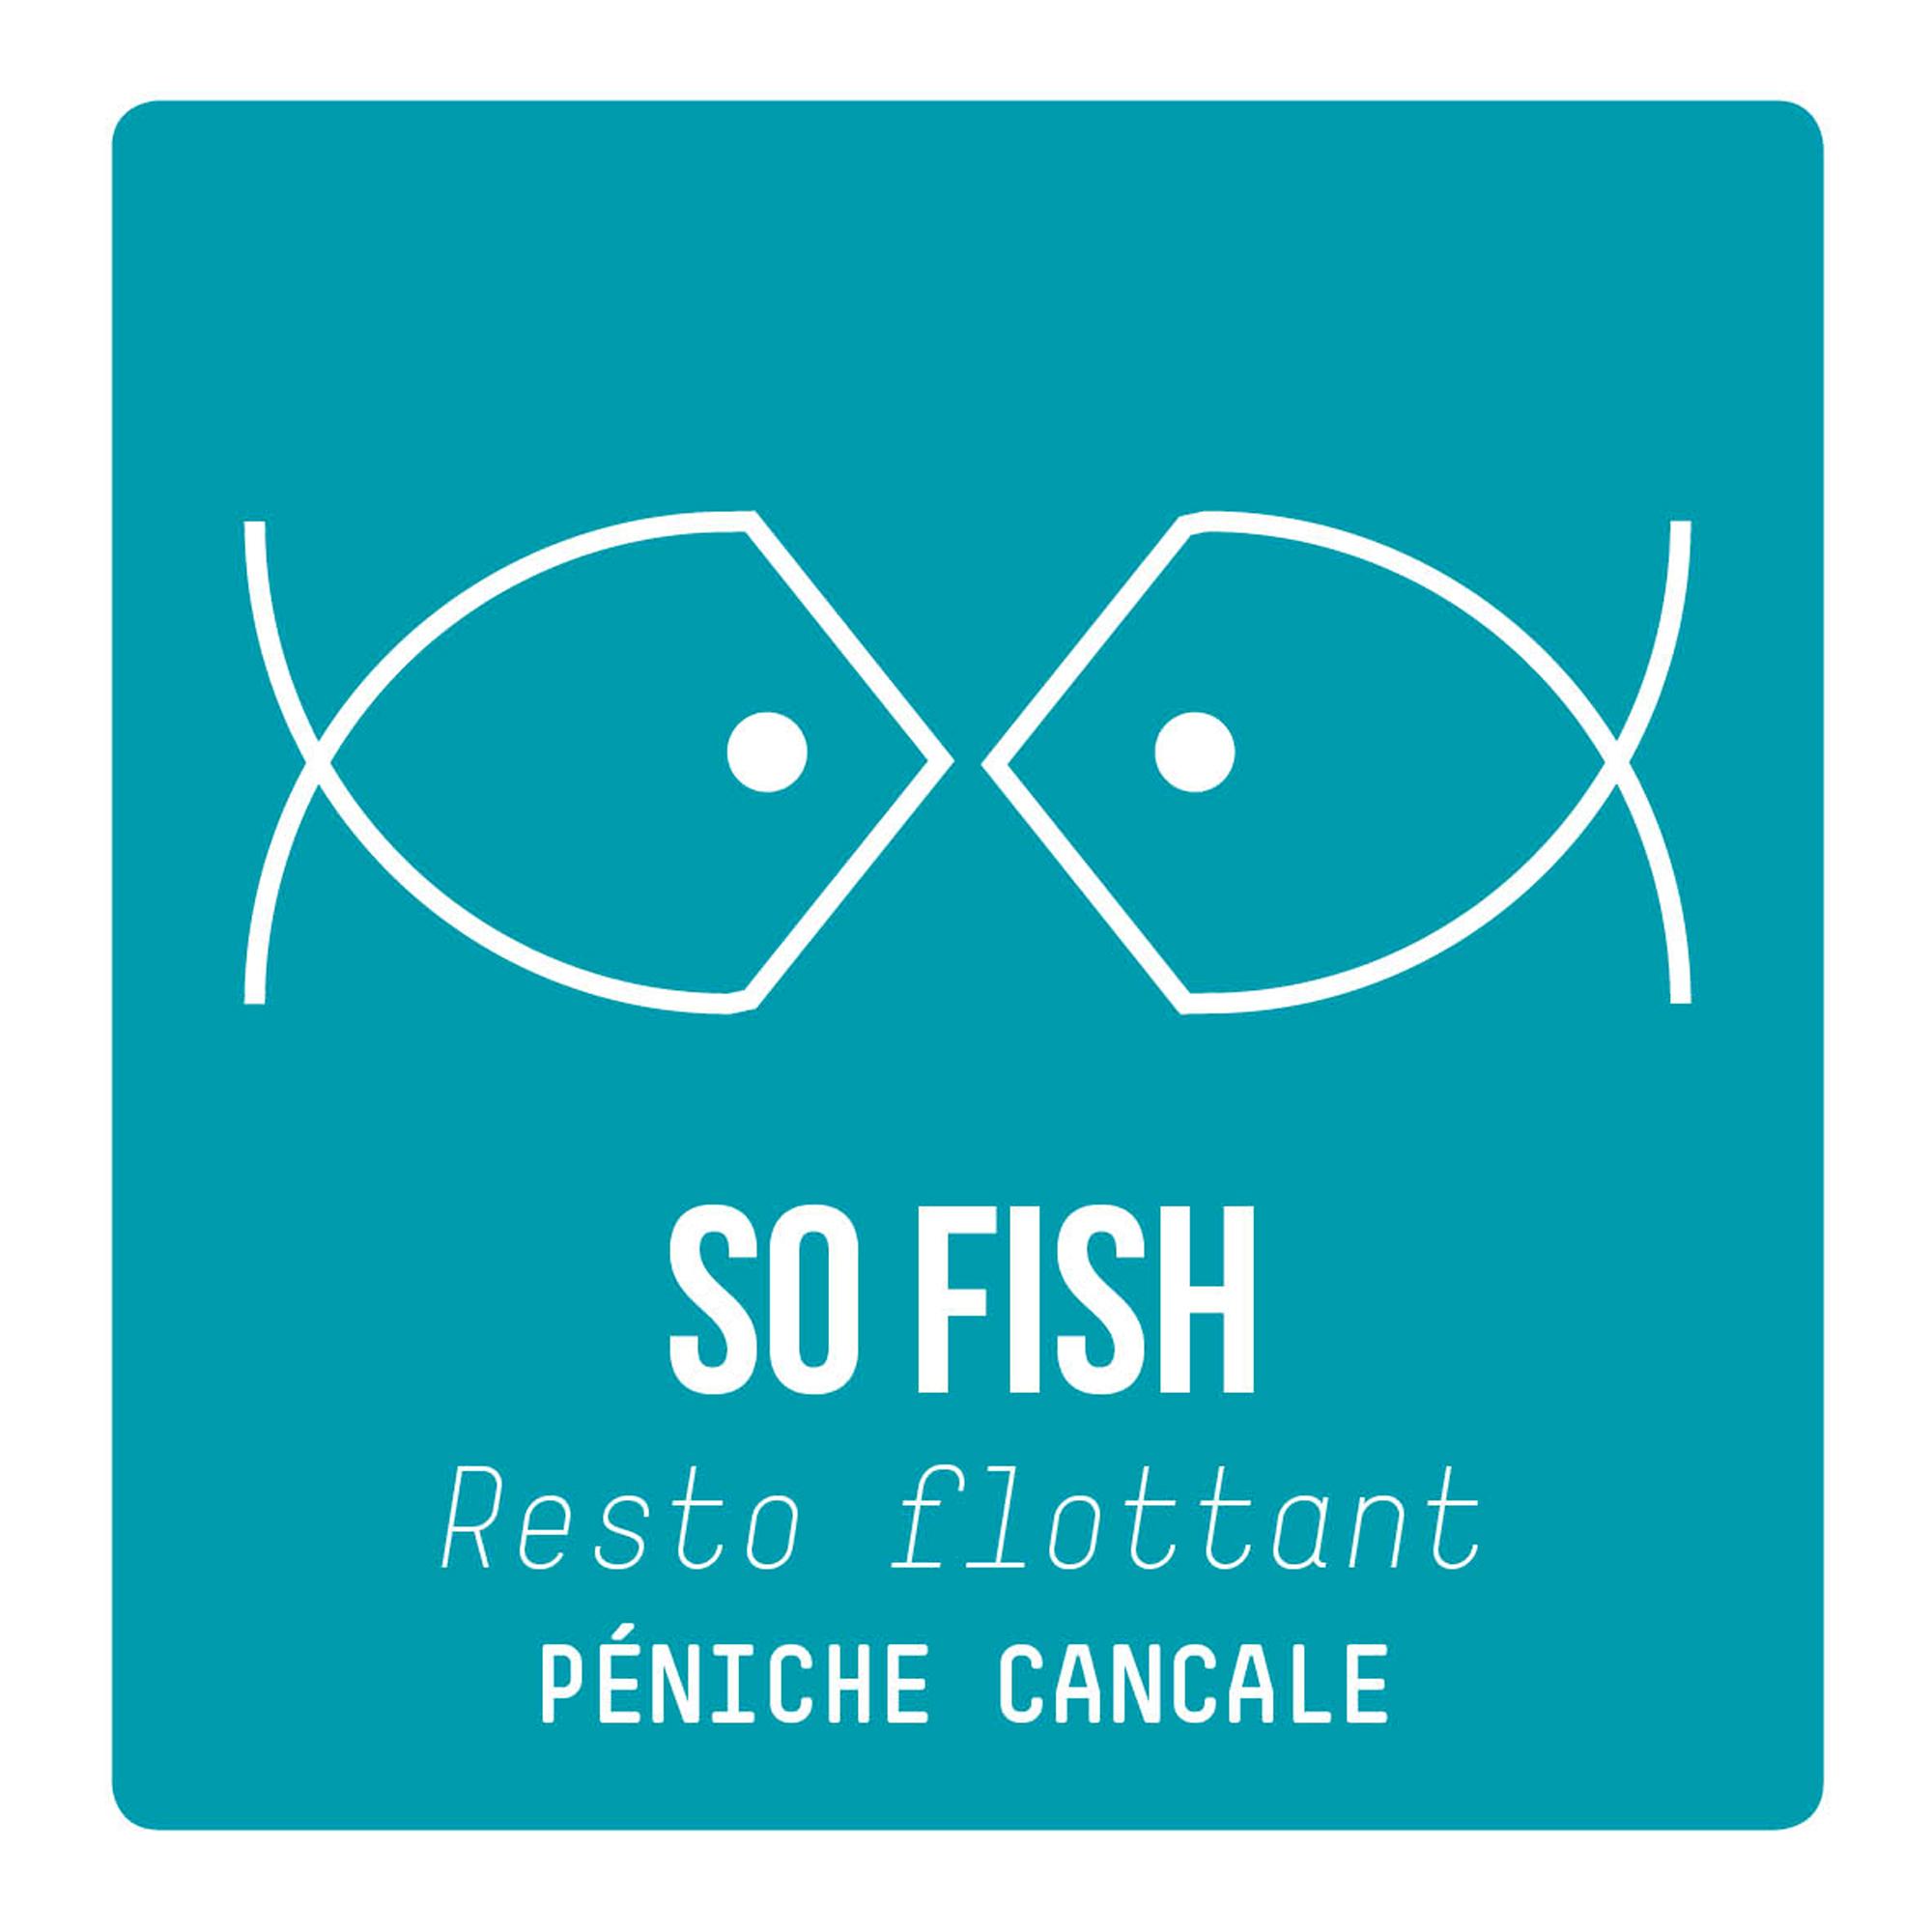 peniche-cancale-sofish